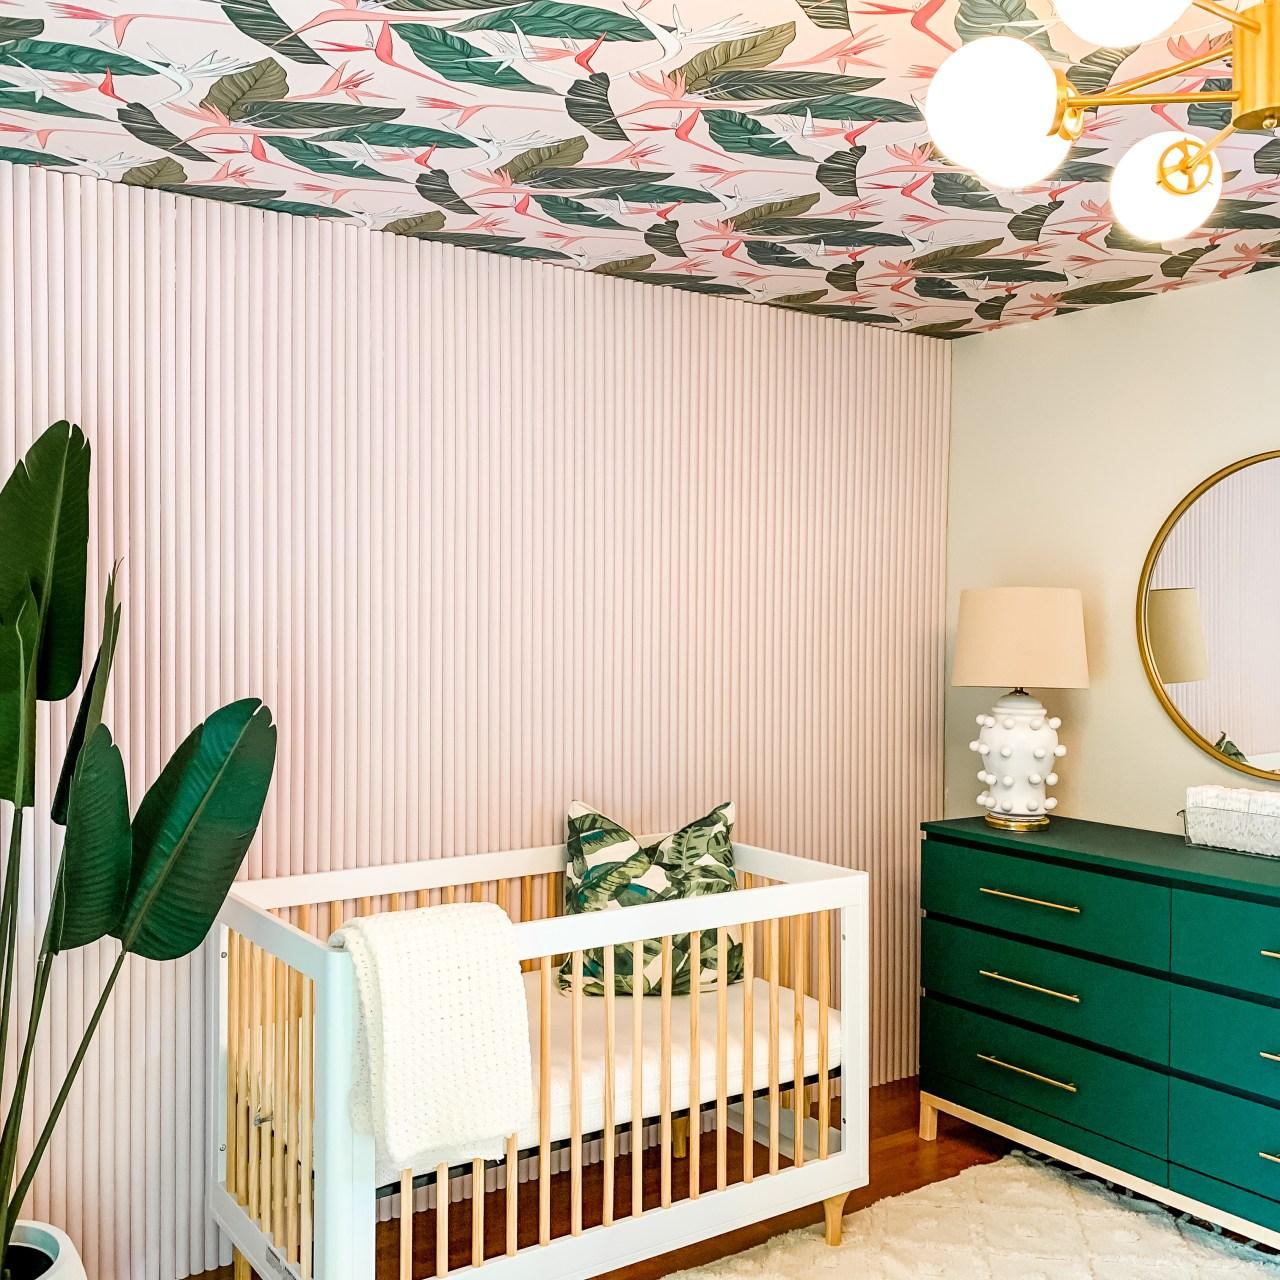 The Nursery Reveal! Week 8 One Room Challenge